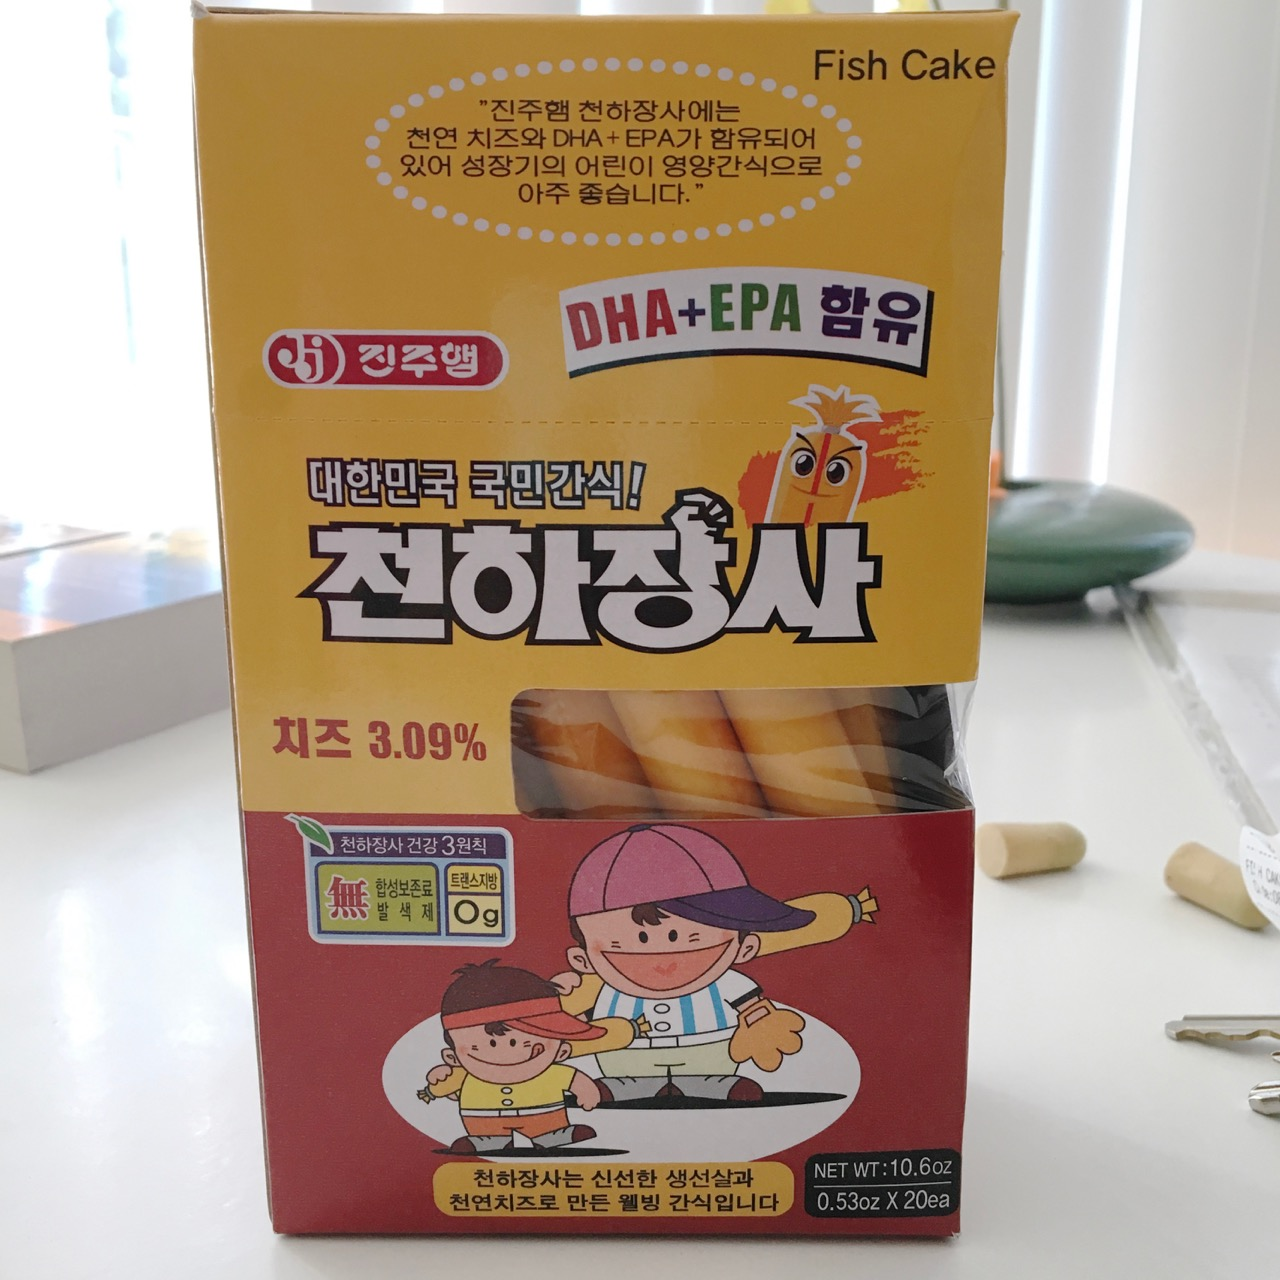 Fish cake box